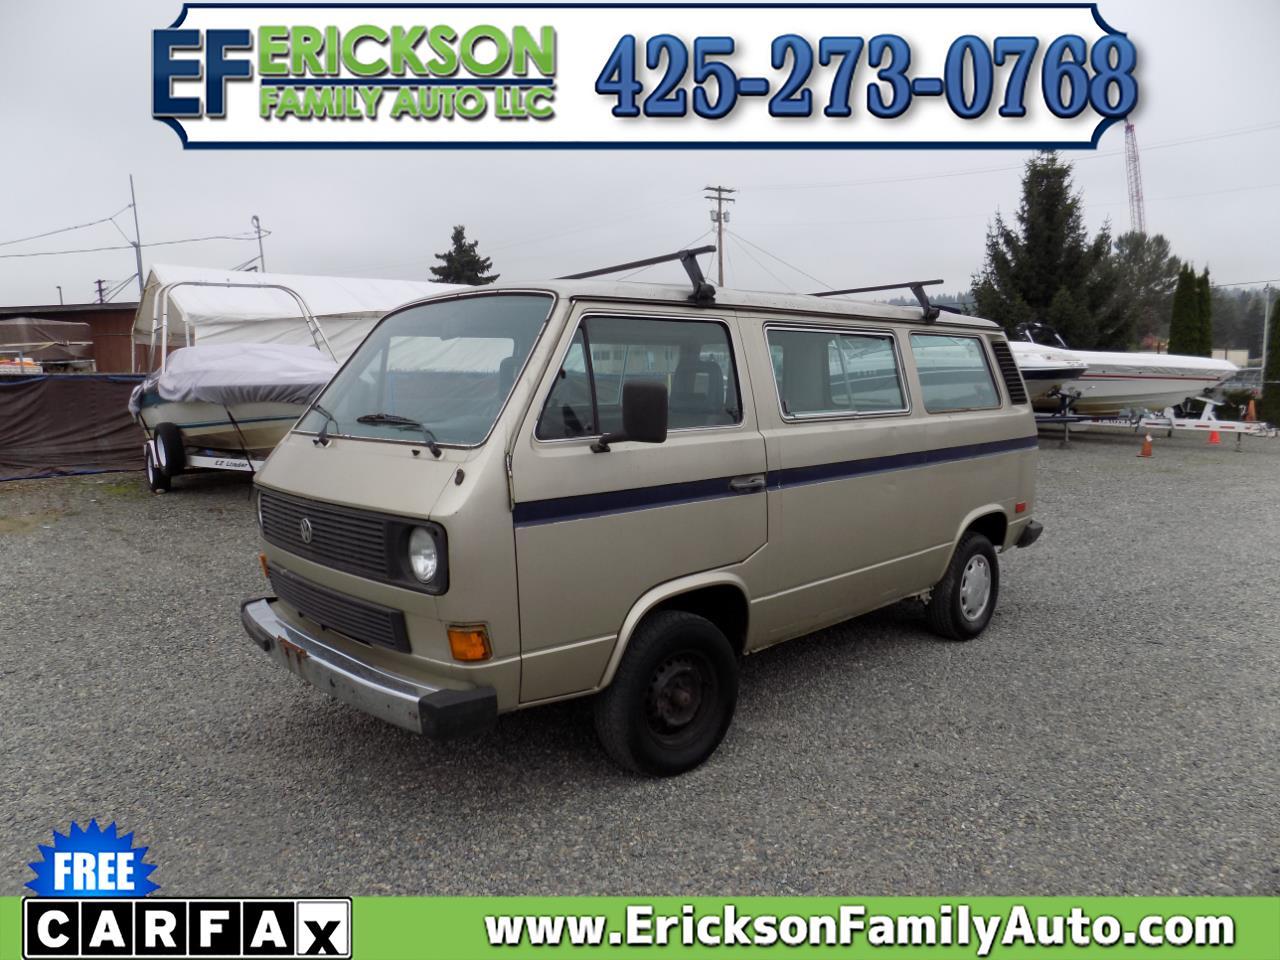 Volkswagen Vanagon/Campmobile GL Vanagon 7-Seat 4-Spd 1985